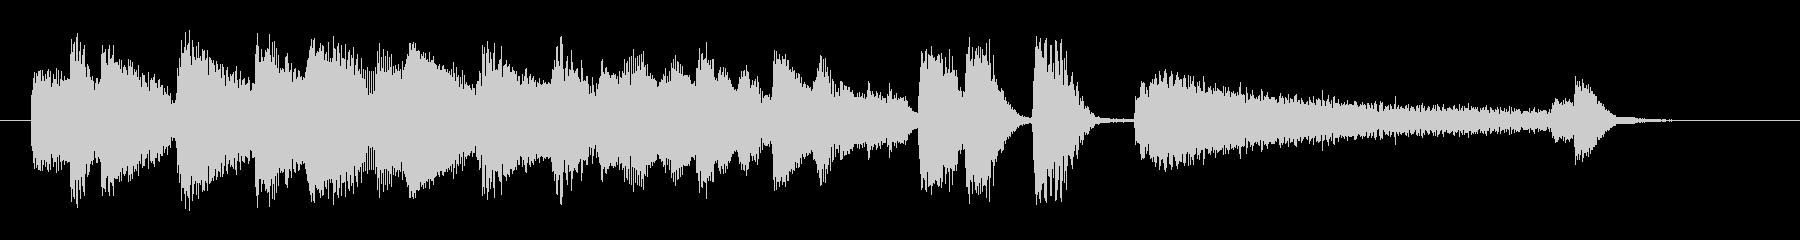 オシャレなジャズピアノジングル7の未再生の波形